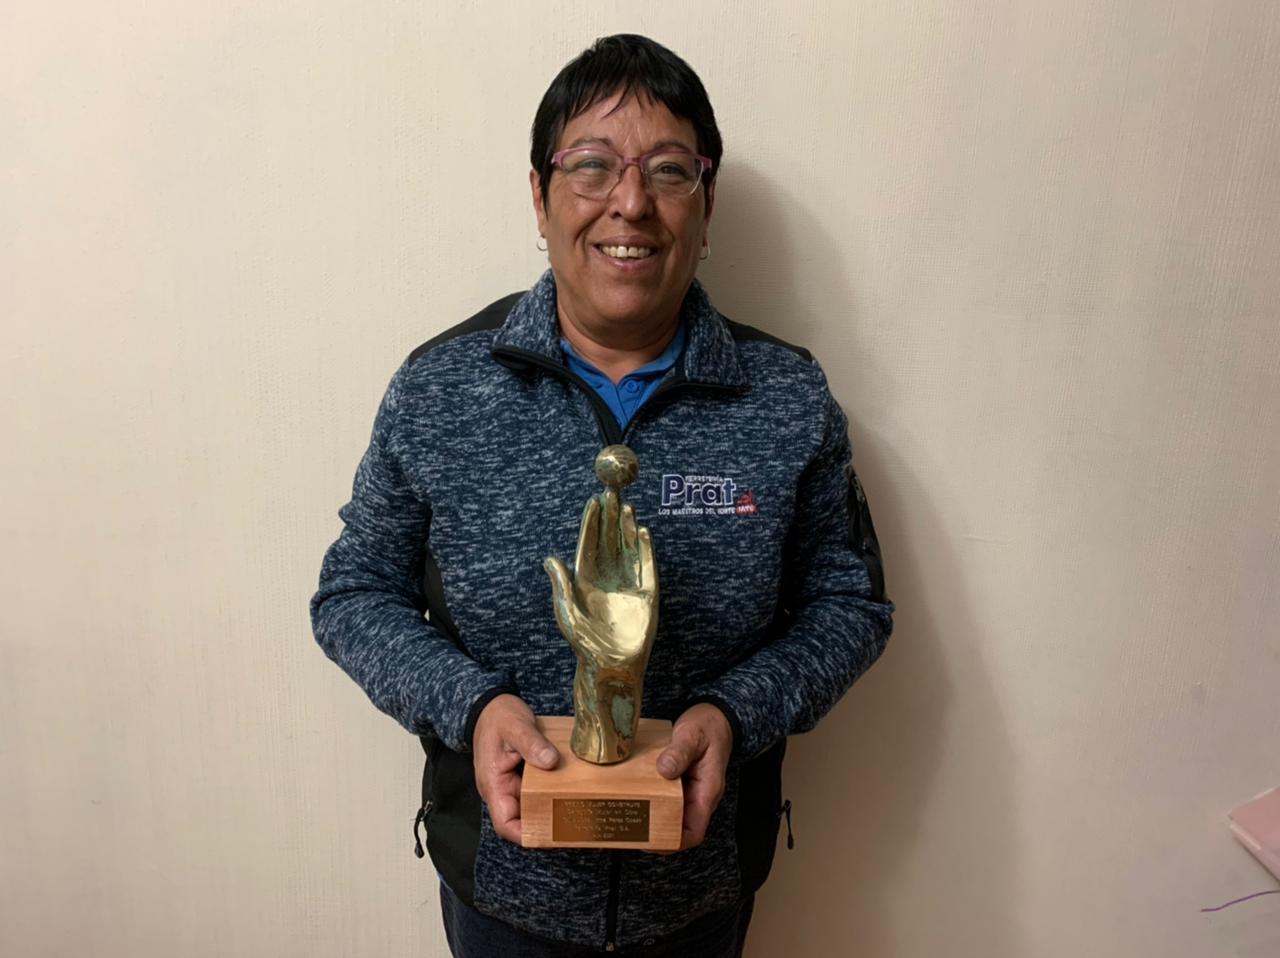 Premio Mujer Construye: Trabajadora fue reconocida en la primera versión del certamen organizado por la CChC noticias